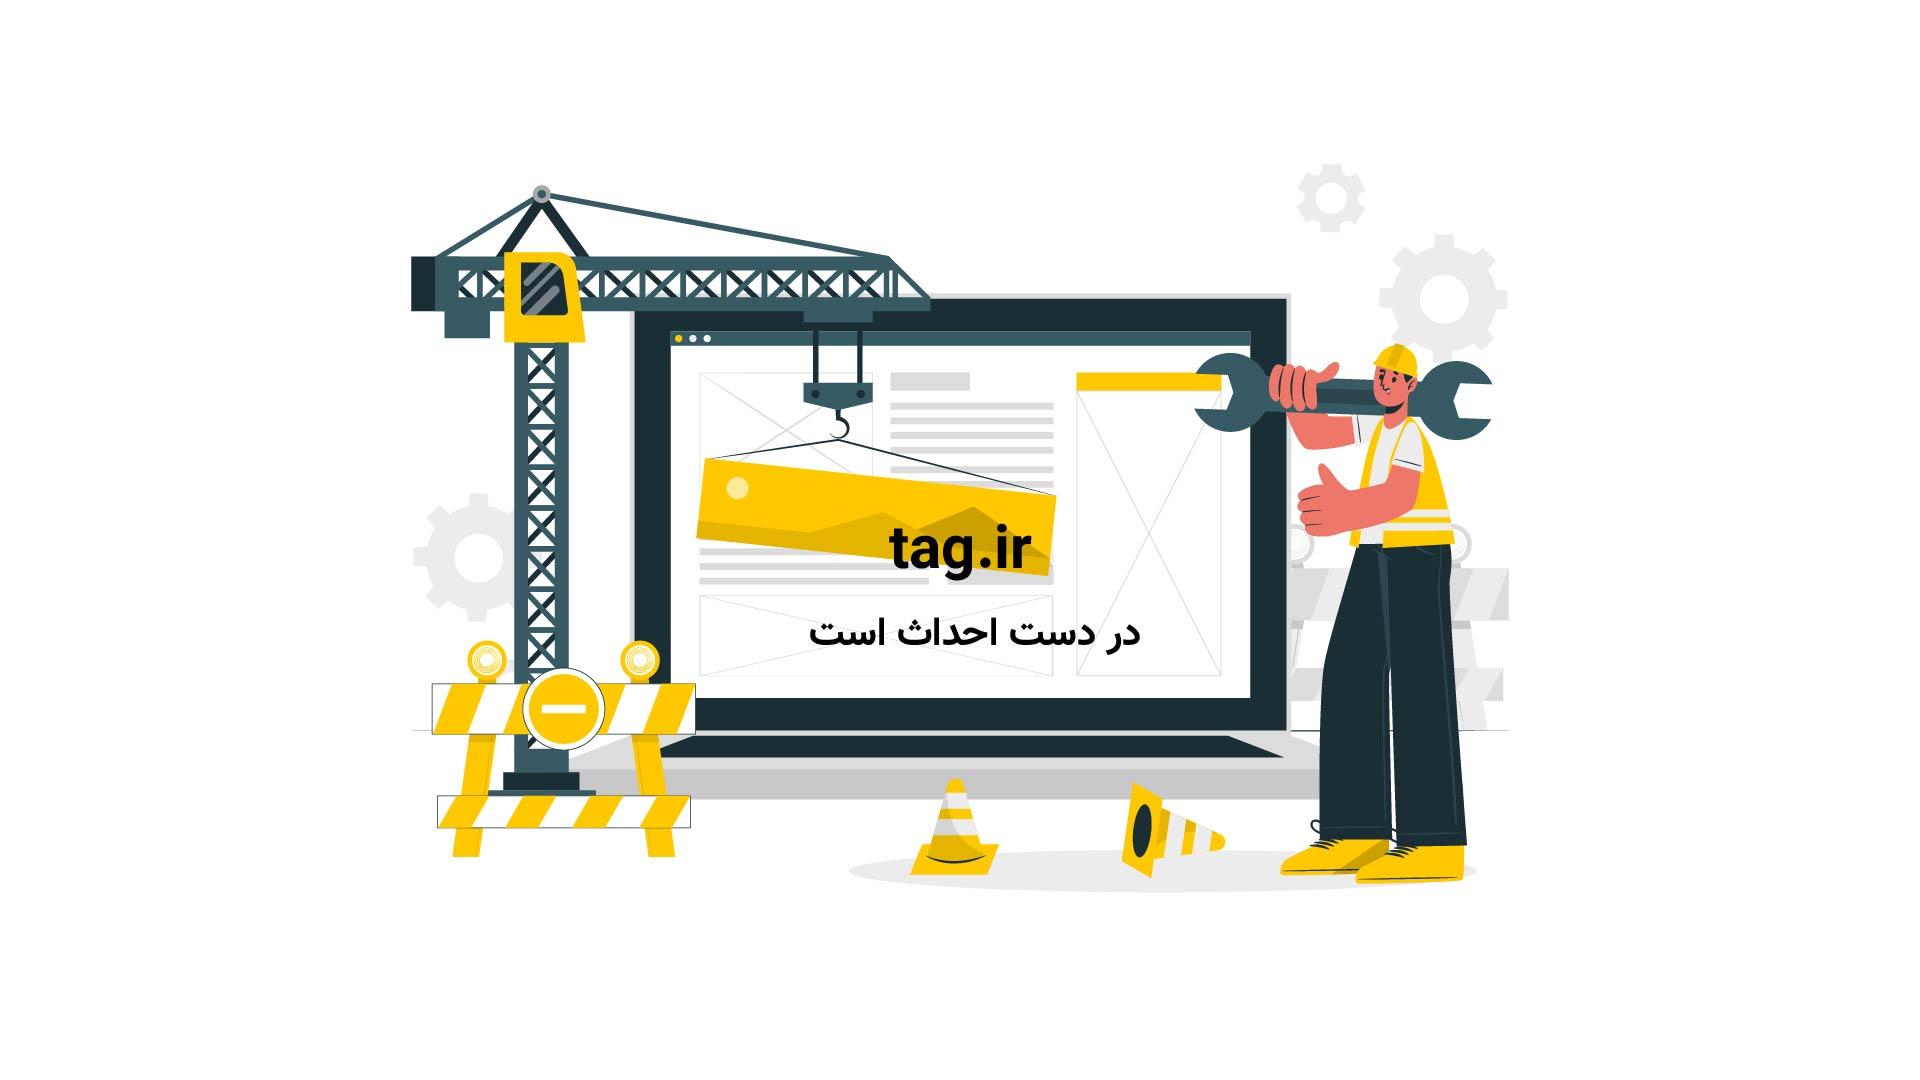 کازو ایشیگورو | تگ